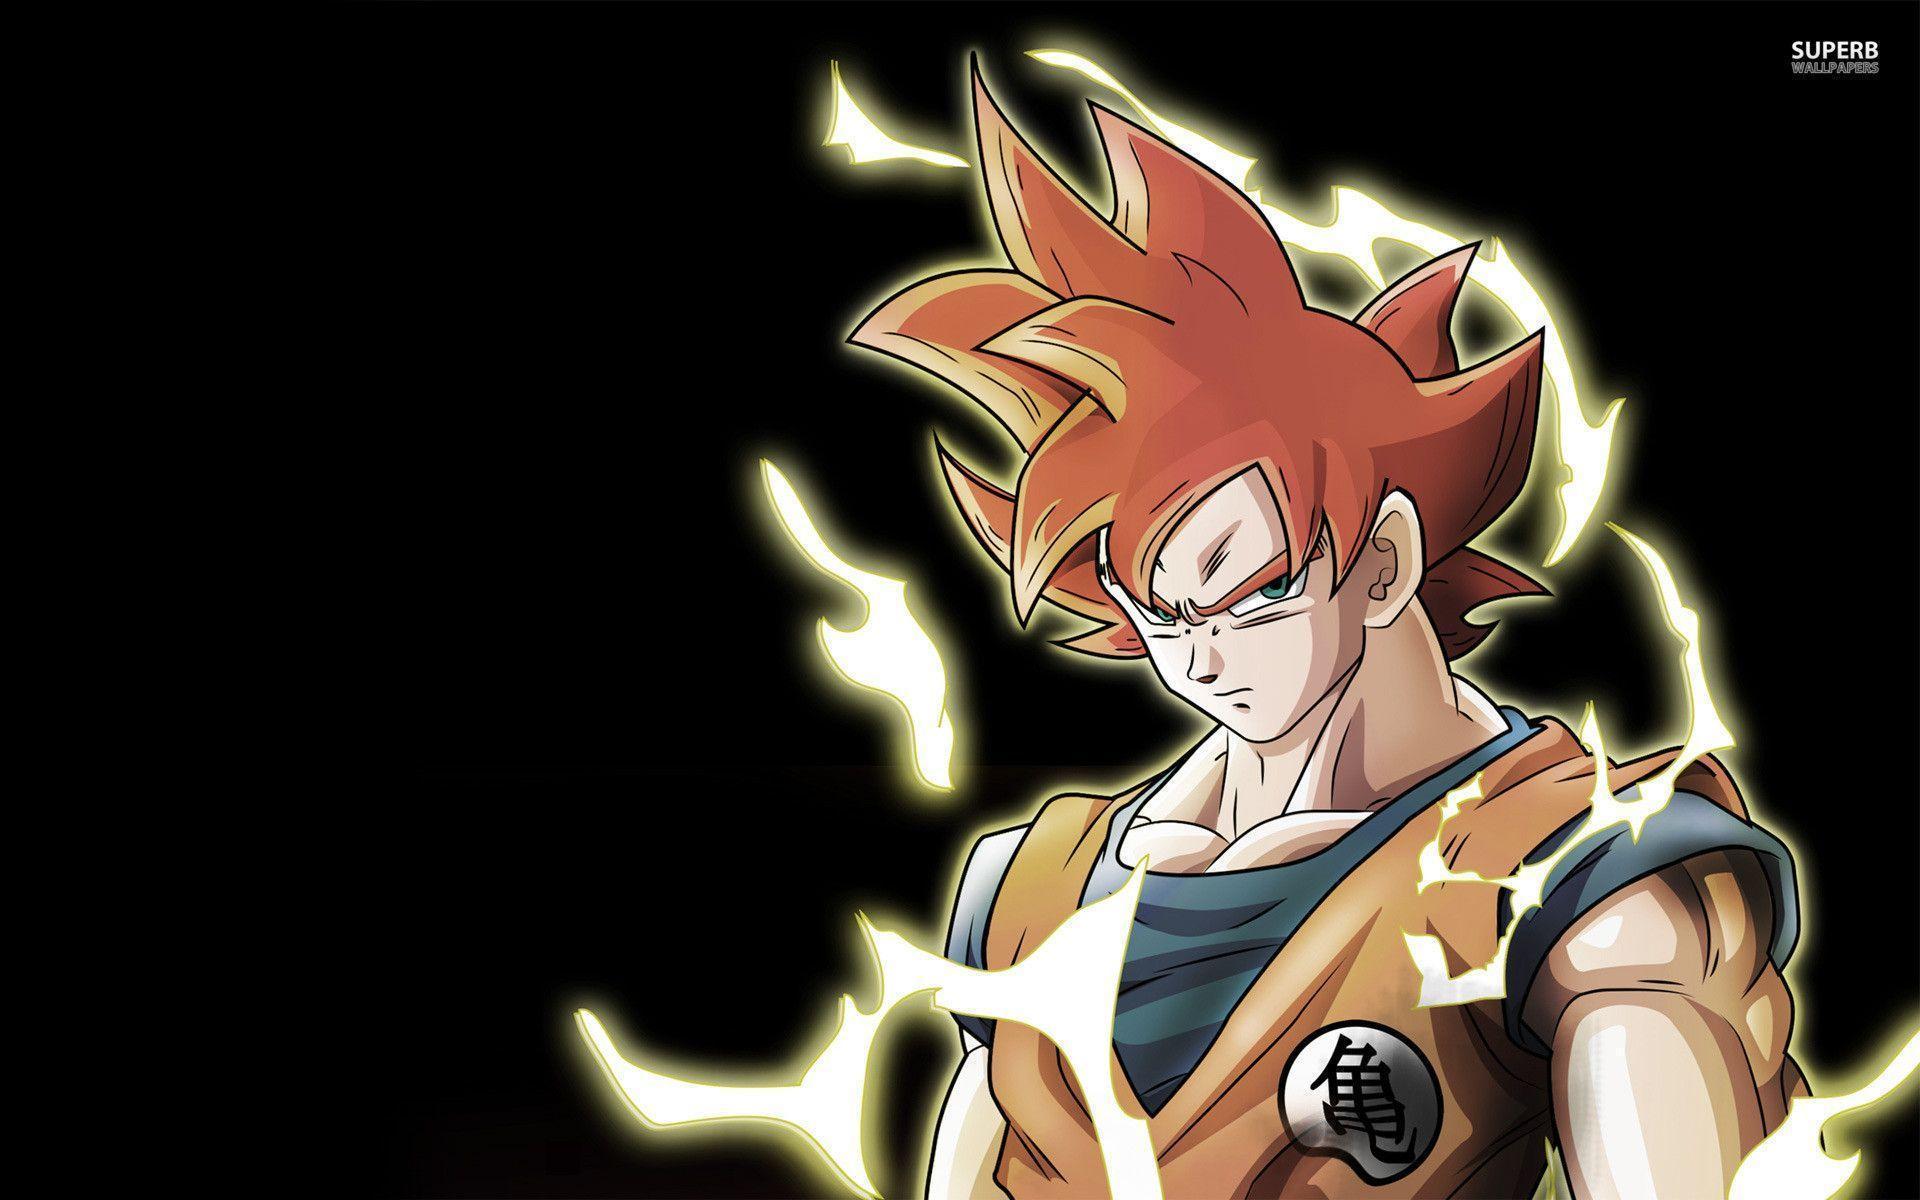 Dragon Ball Z Wallpapers Goku 1920x1200